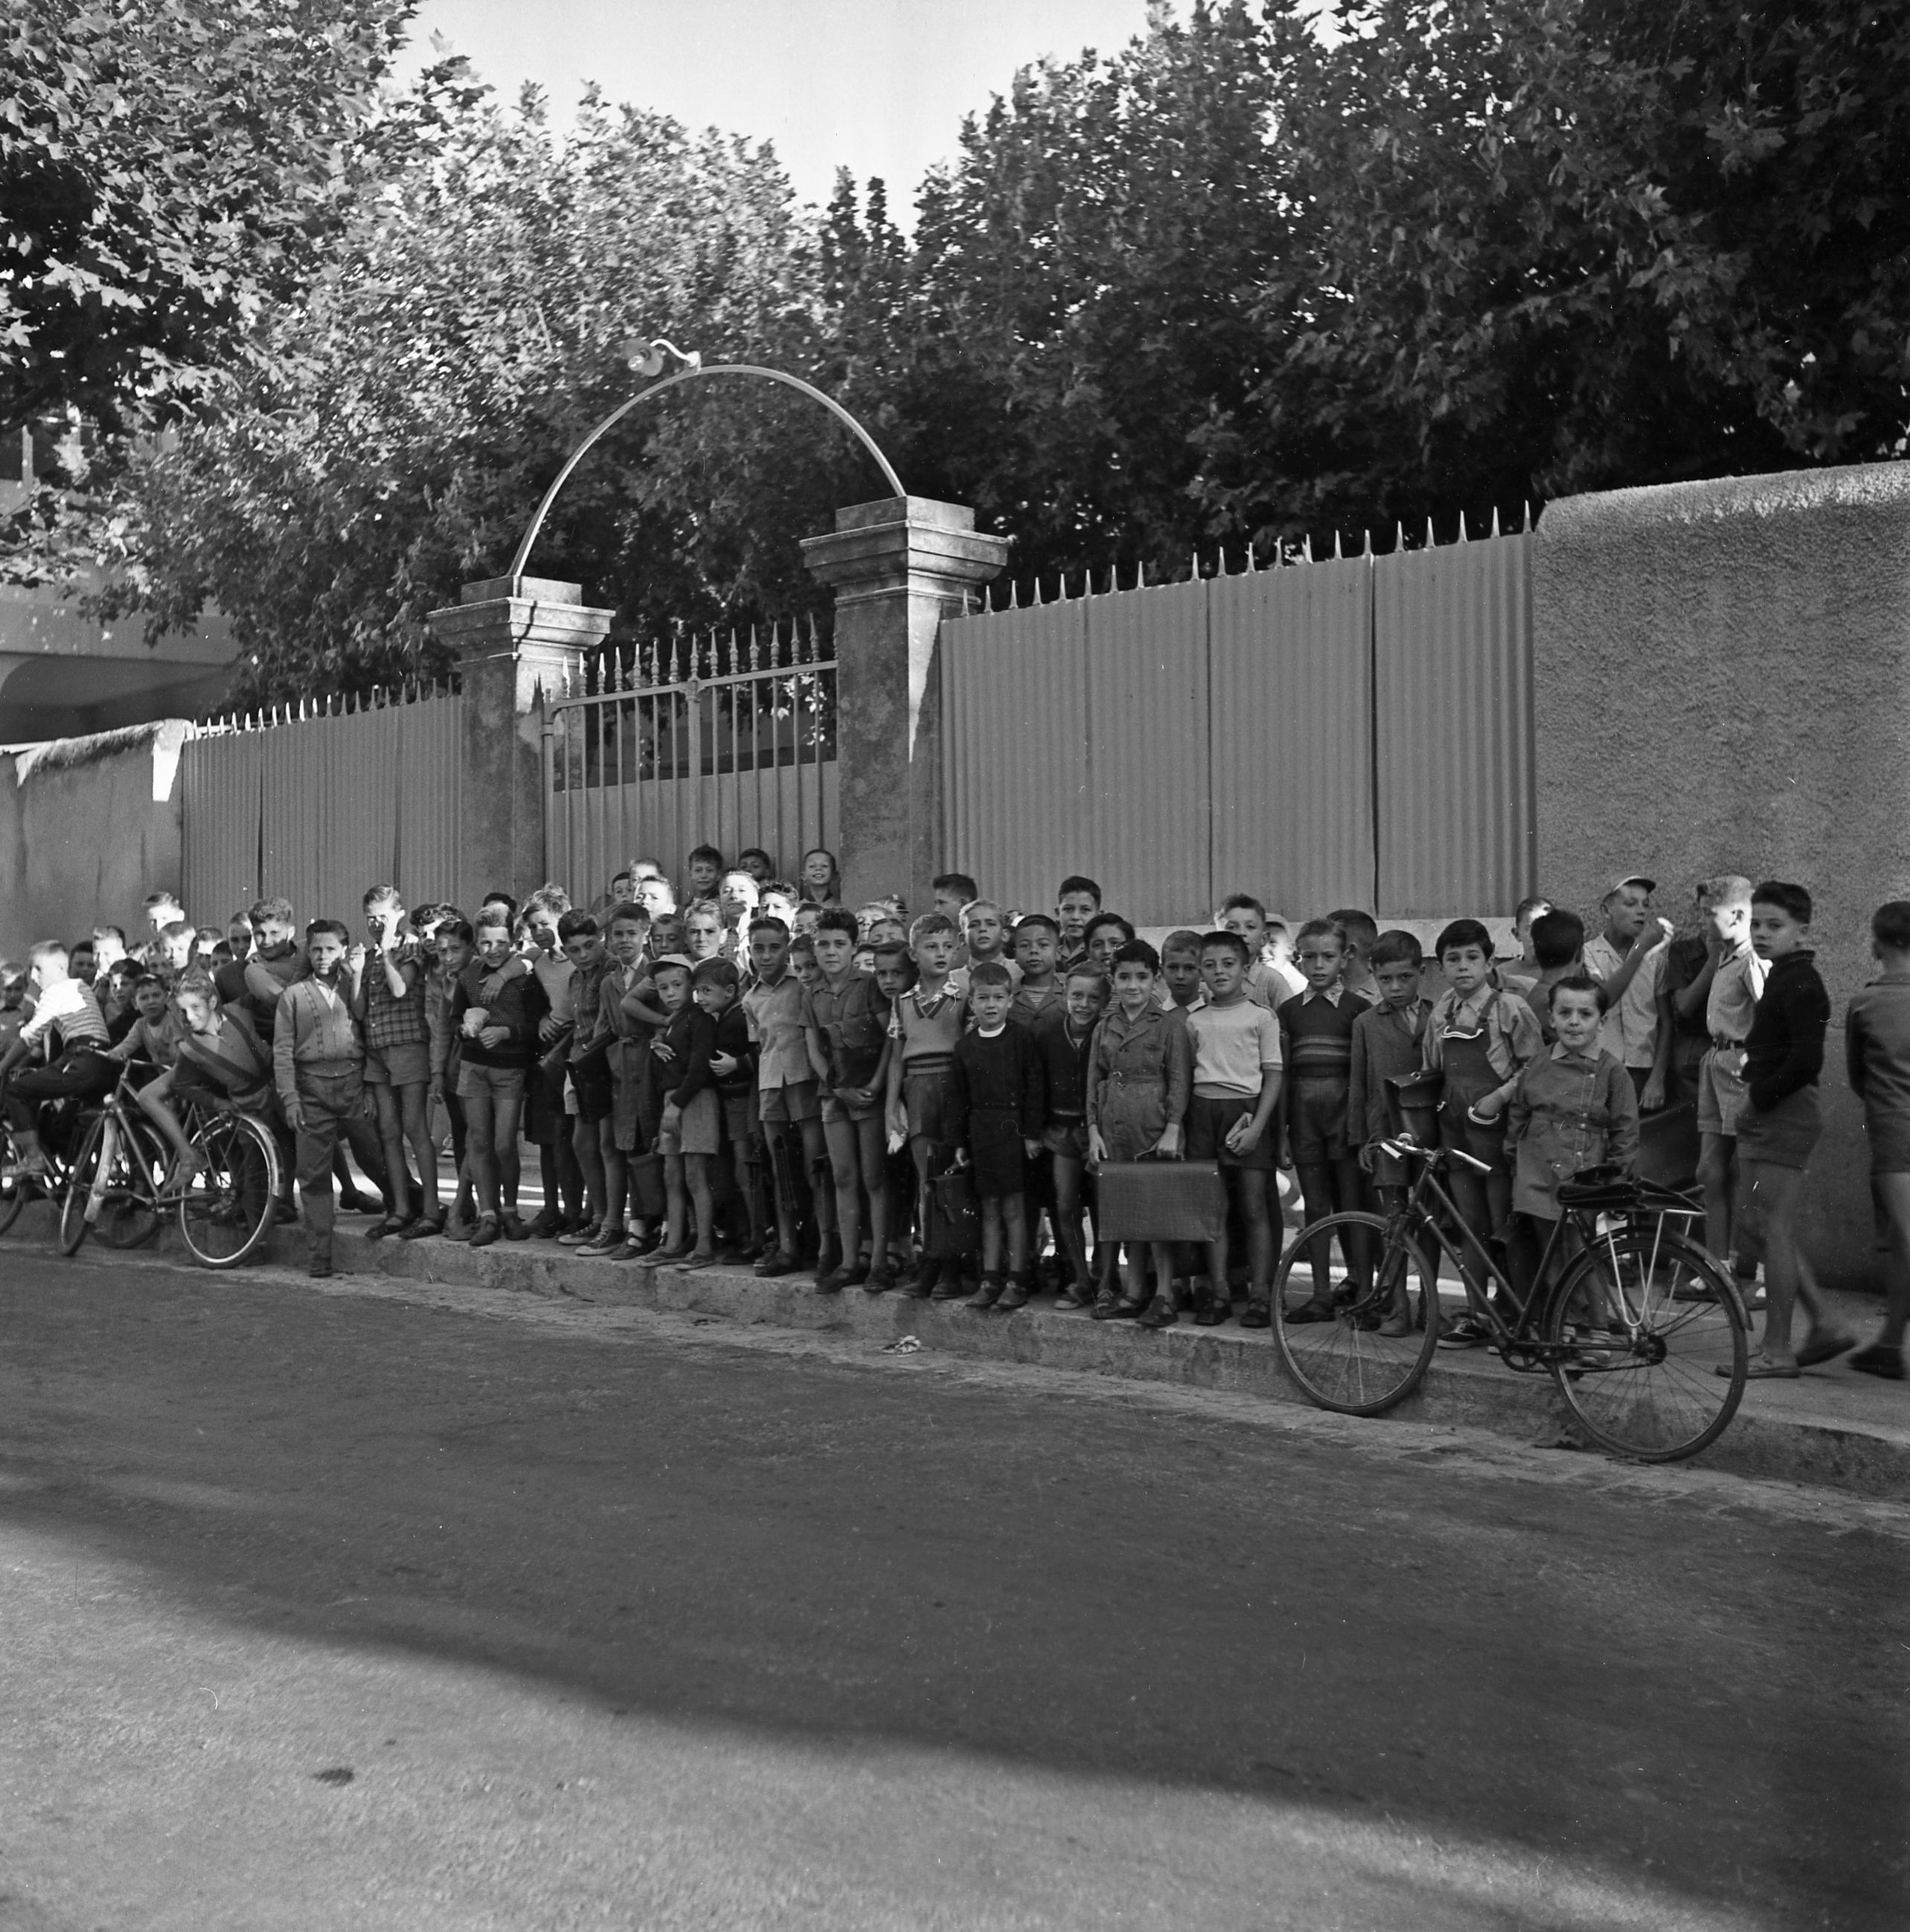 27 Fi 3286 Les garçons posant devant les grilles de l'école Jean Jaurès, le jour de la rentrée des classes. 17/09/1954